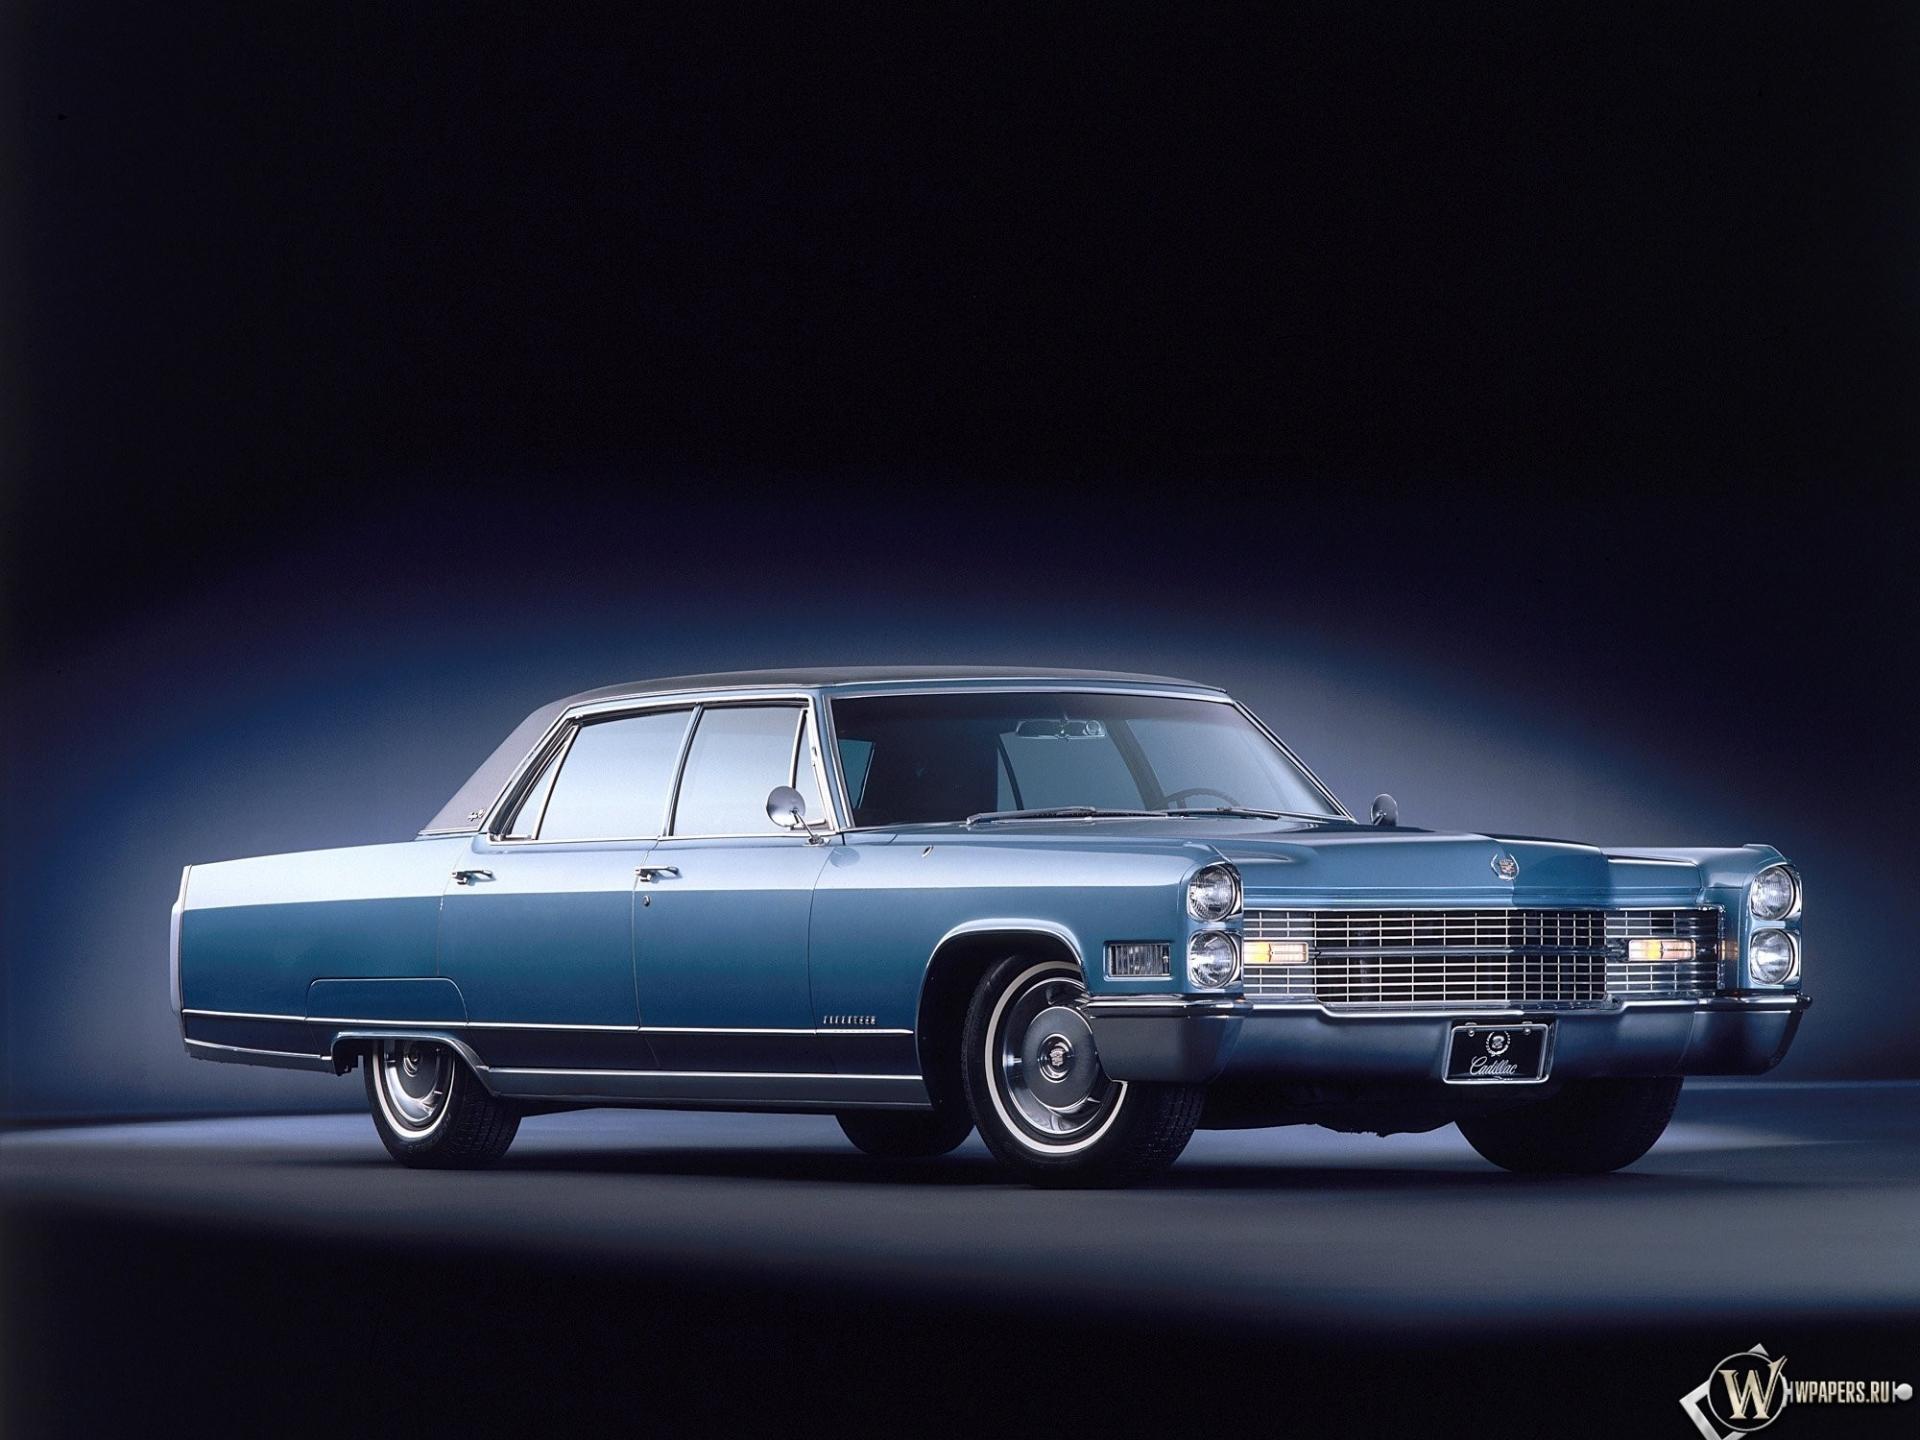 1920x1440_Cadillac-Fleetwood-(1965).jpg